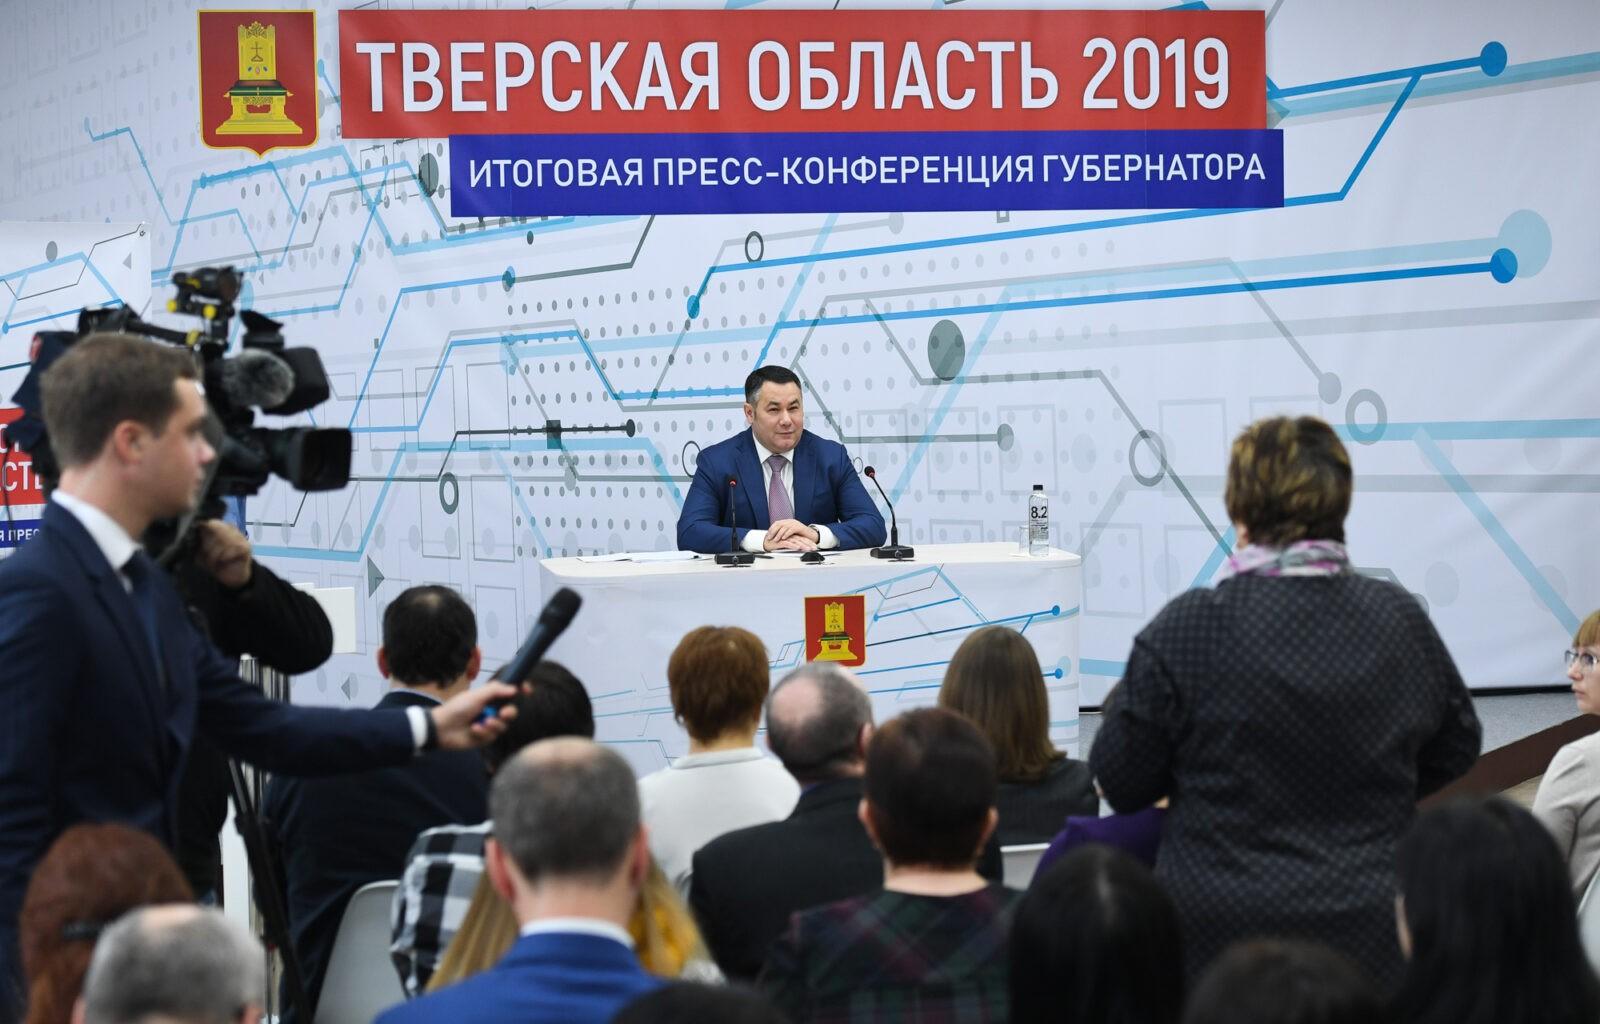 Игорь Руденя: Тверь взяли пилотным проектом для восстановления трамвая